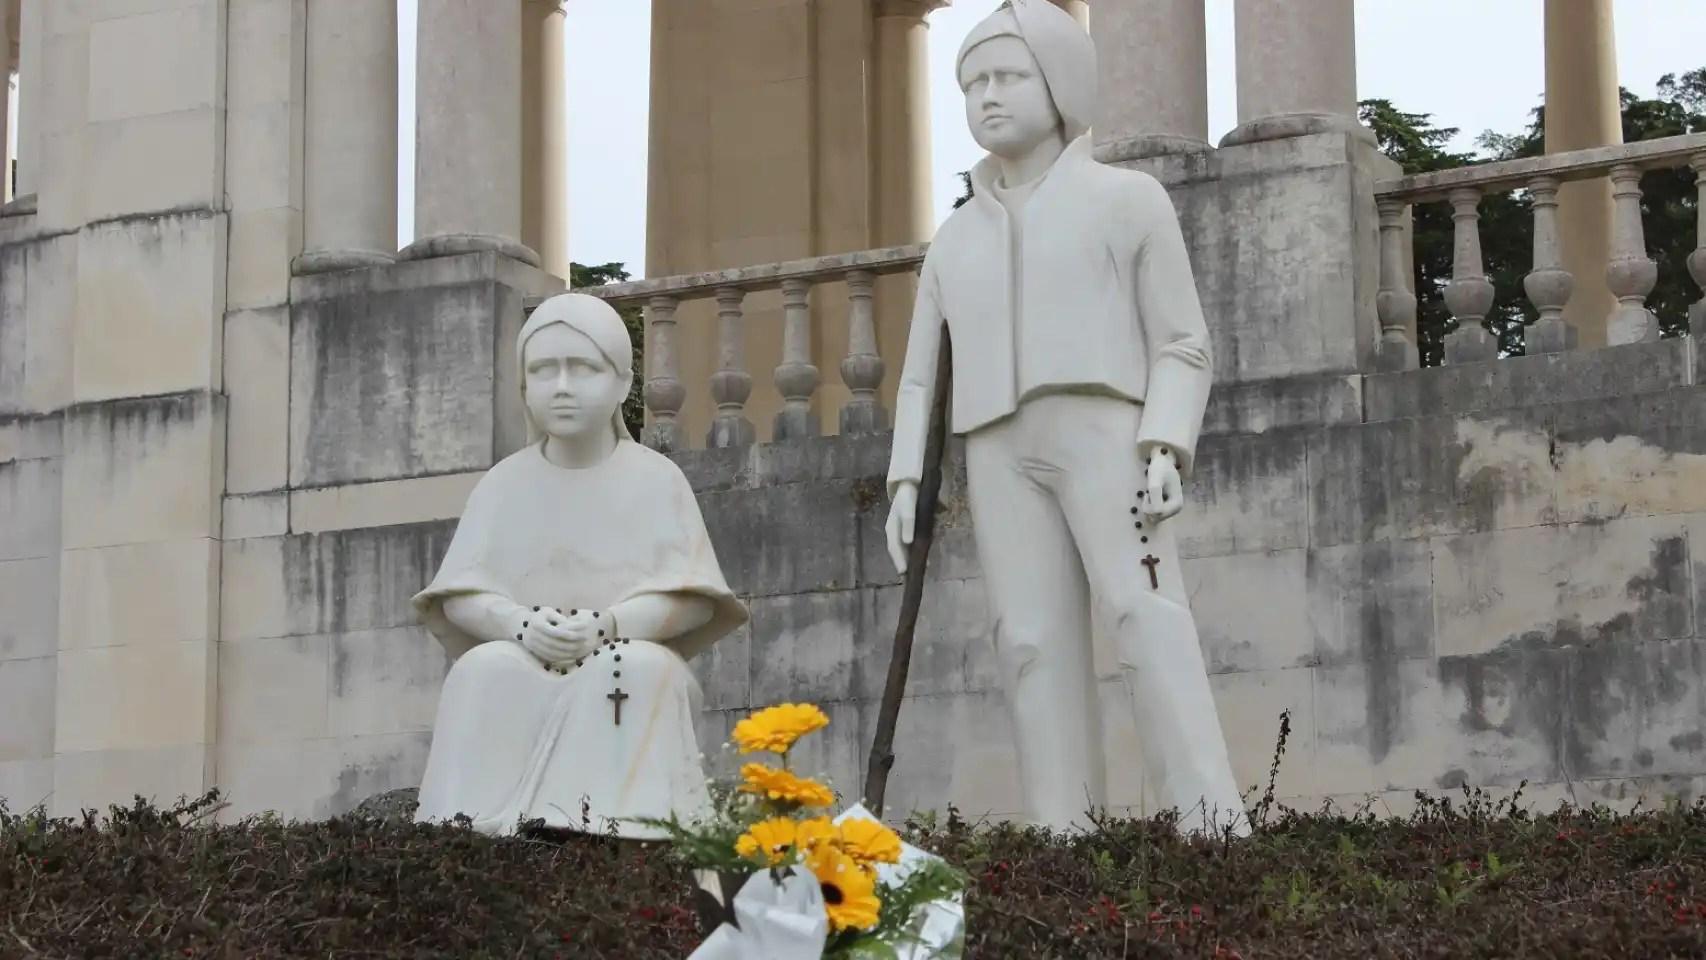 Francisco y Jacinta, los pastorcillos ya canonizados, tienen una estatua en el santuario.